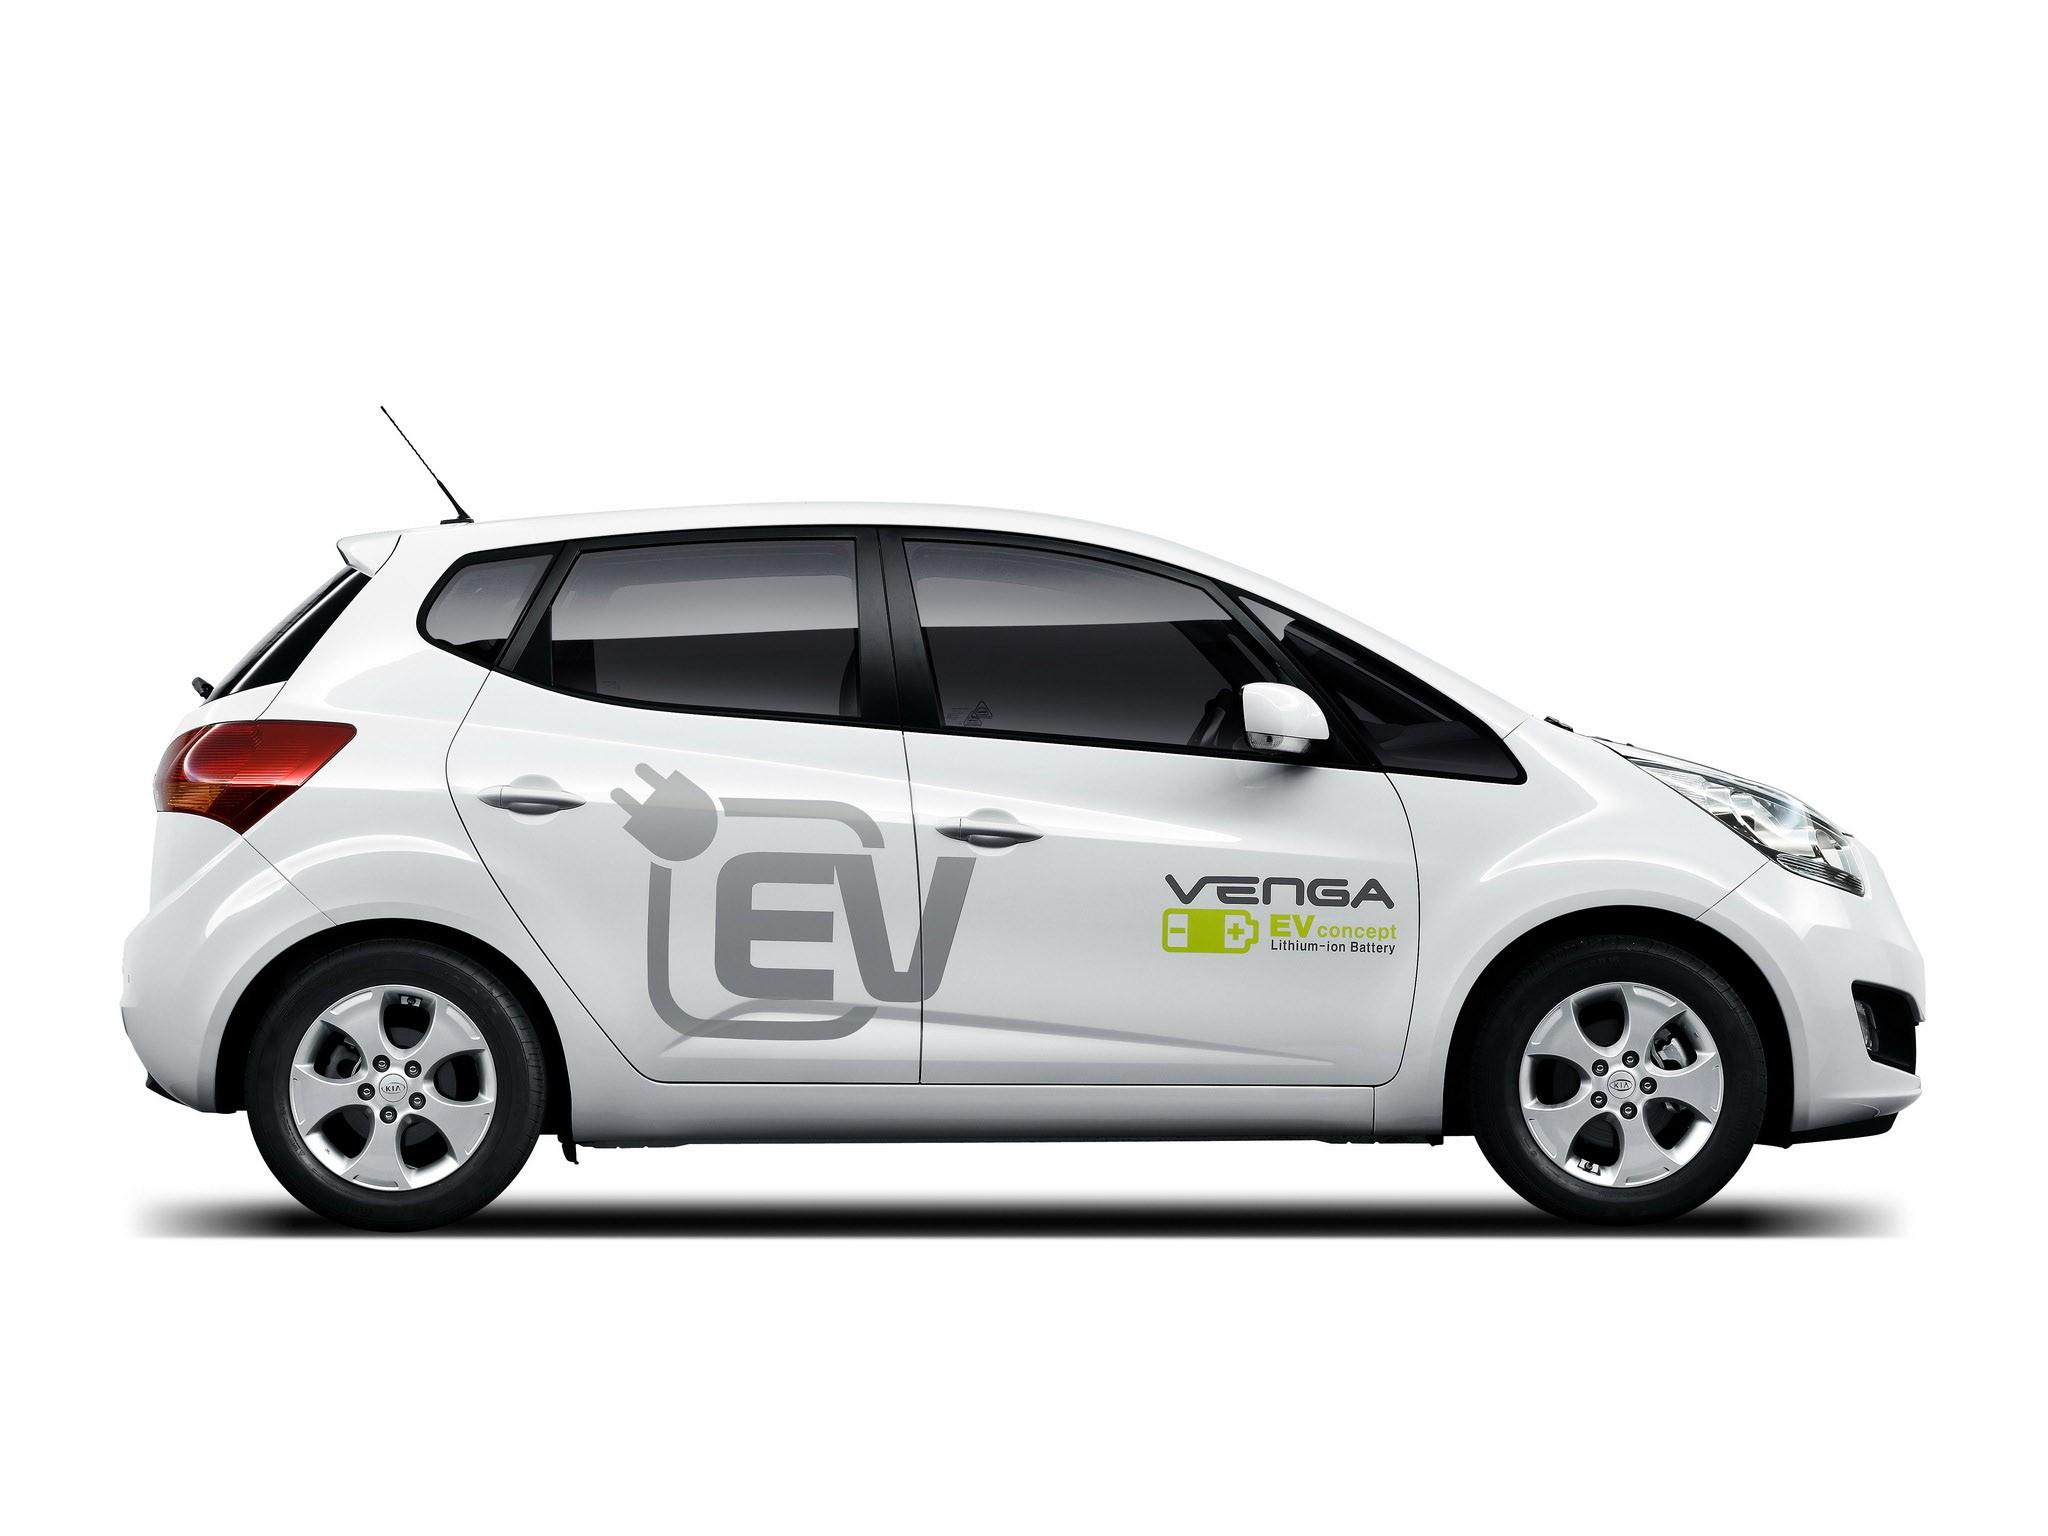 Kia Venga Plug-In Electric Concept 2010